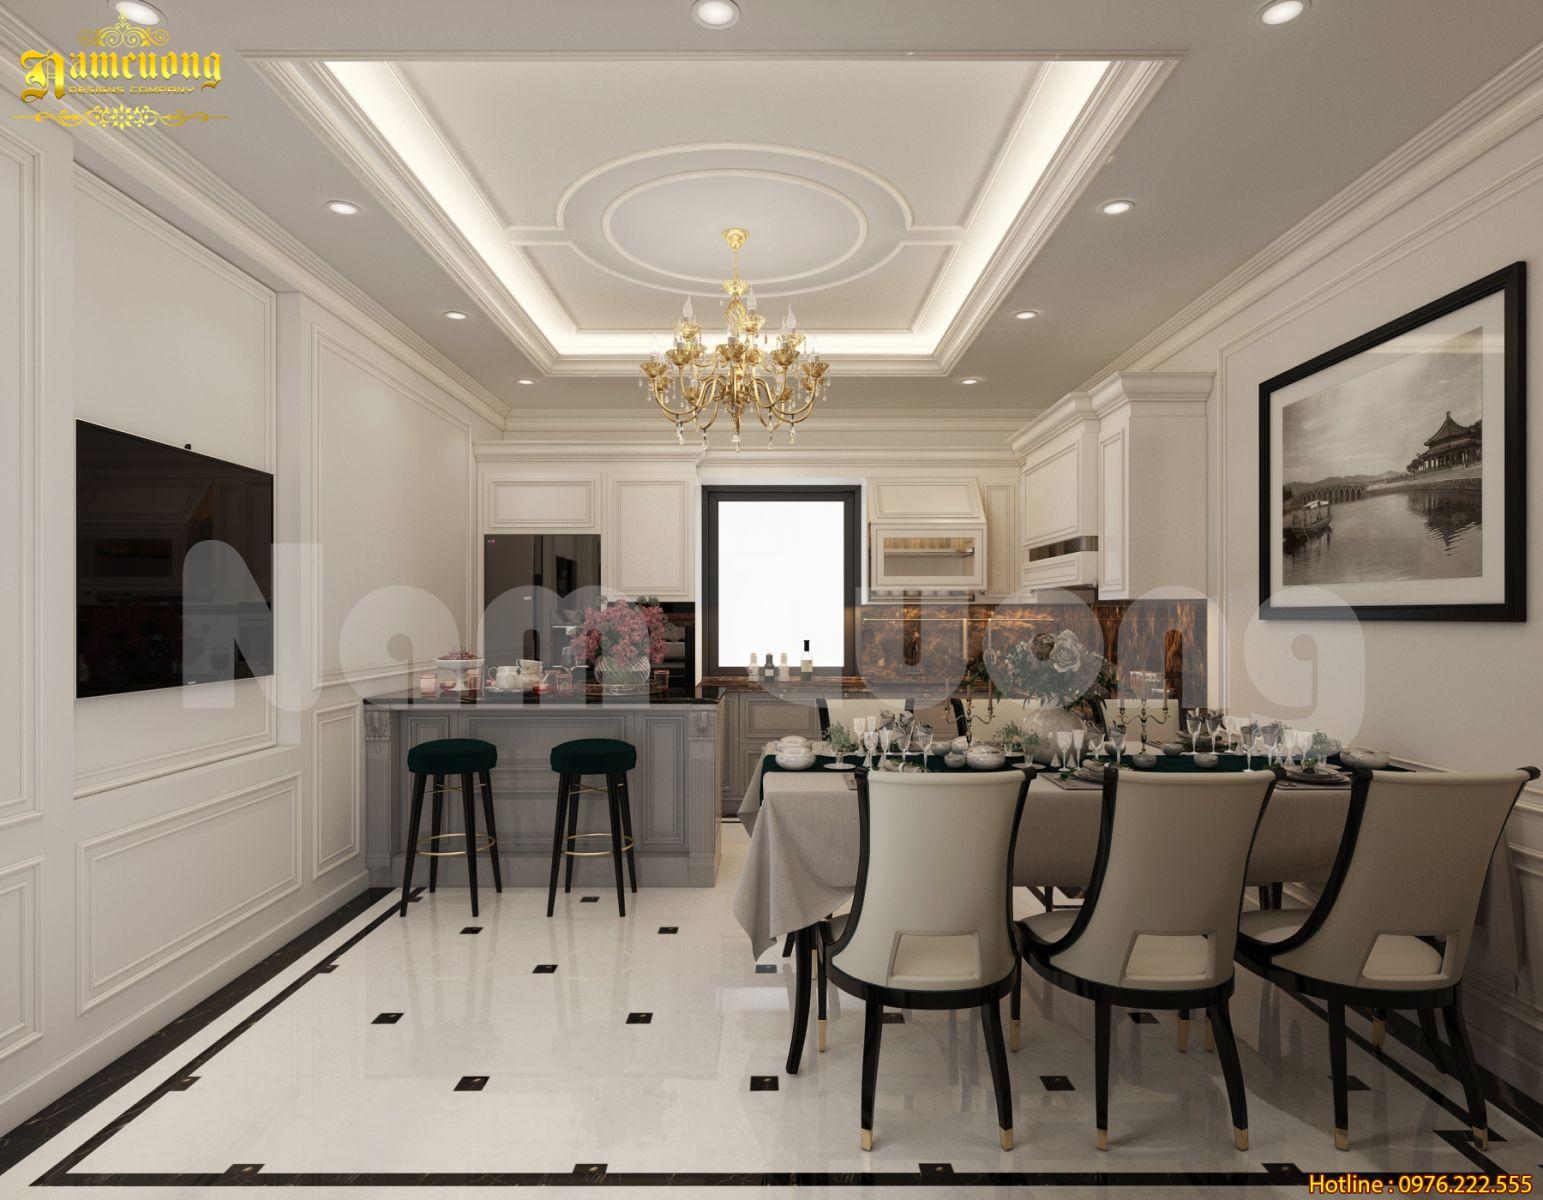 Thiết kế nội thất khách bếp cực đẹp cho gia đình- NTKB 0100